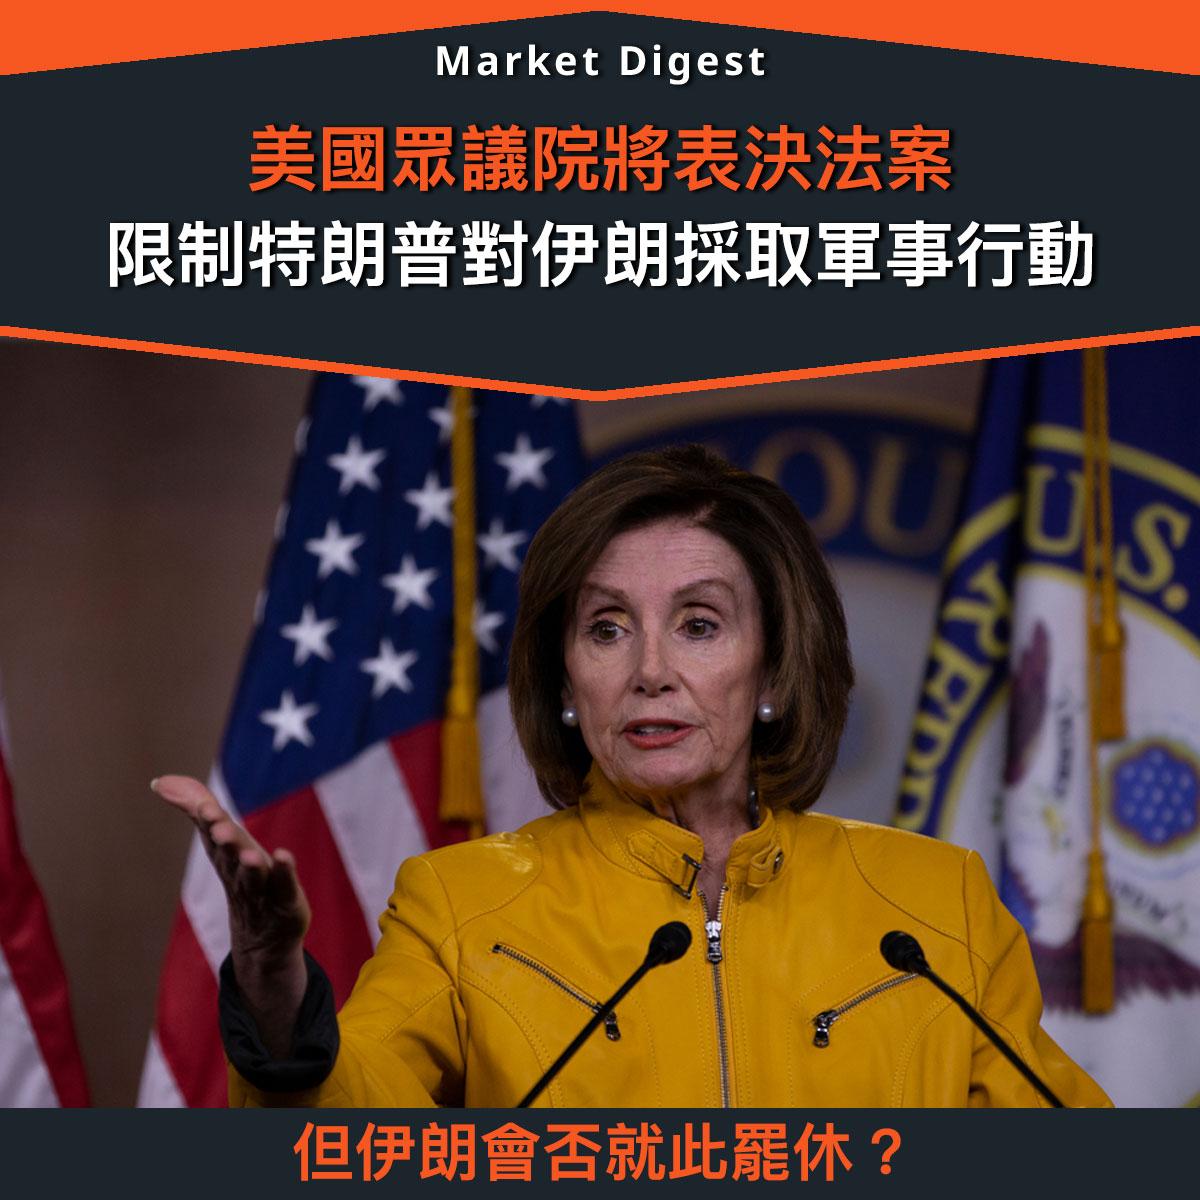 【市場熱話】美眾議院將表決法案限制特朗普對伊朗採取軍事行動